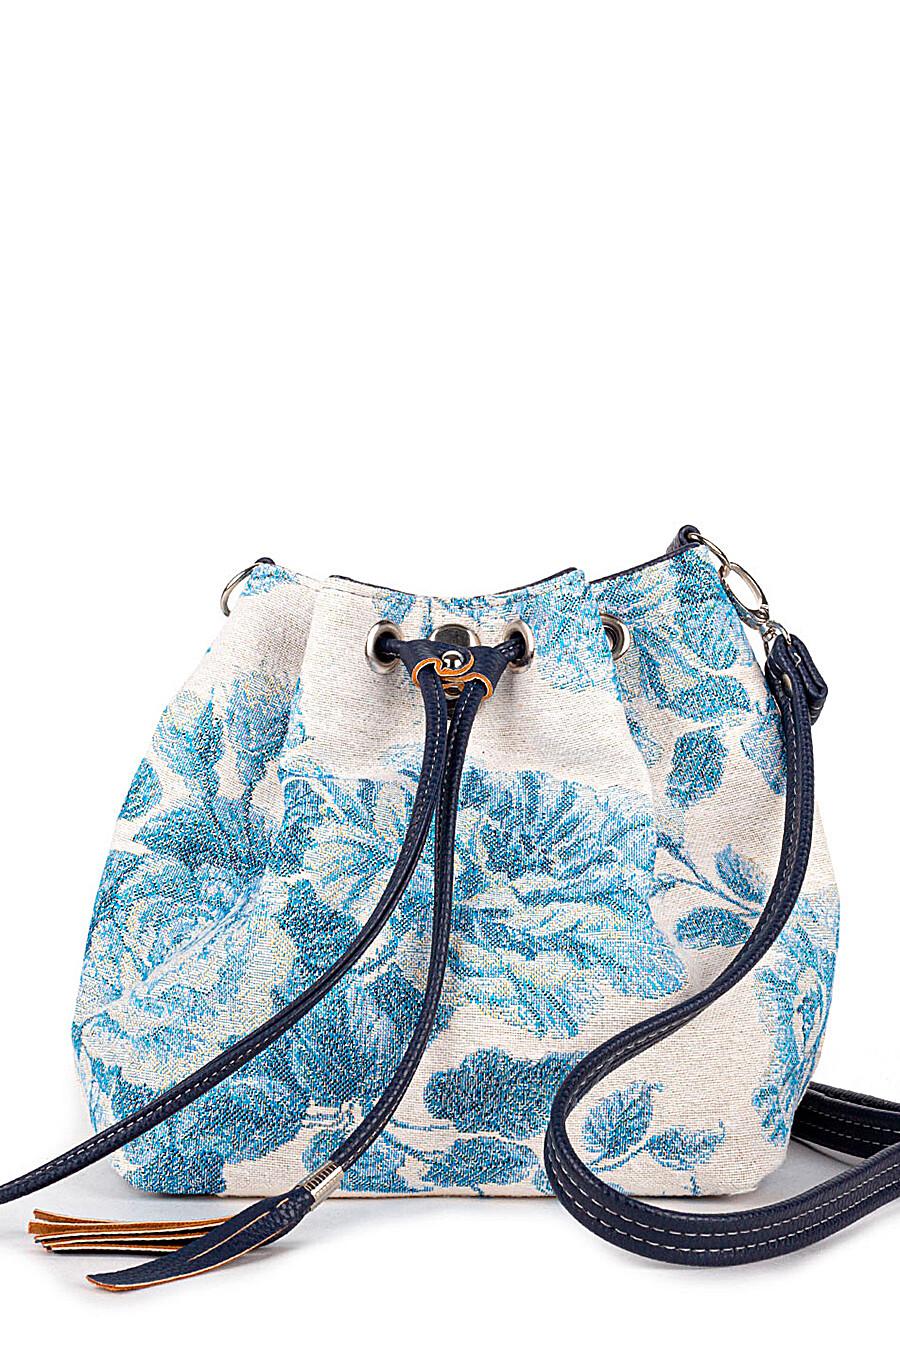 Сумка для женщин L-CRAFT 668280 купить оптом от производителя. Совместная покупка женской одежды в OptMoyo